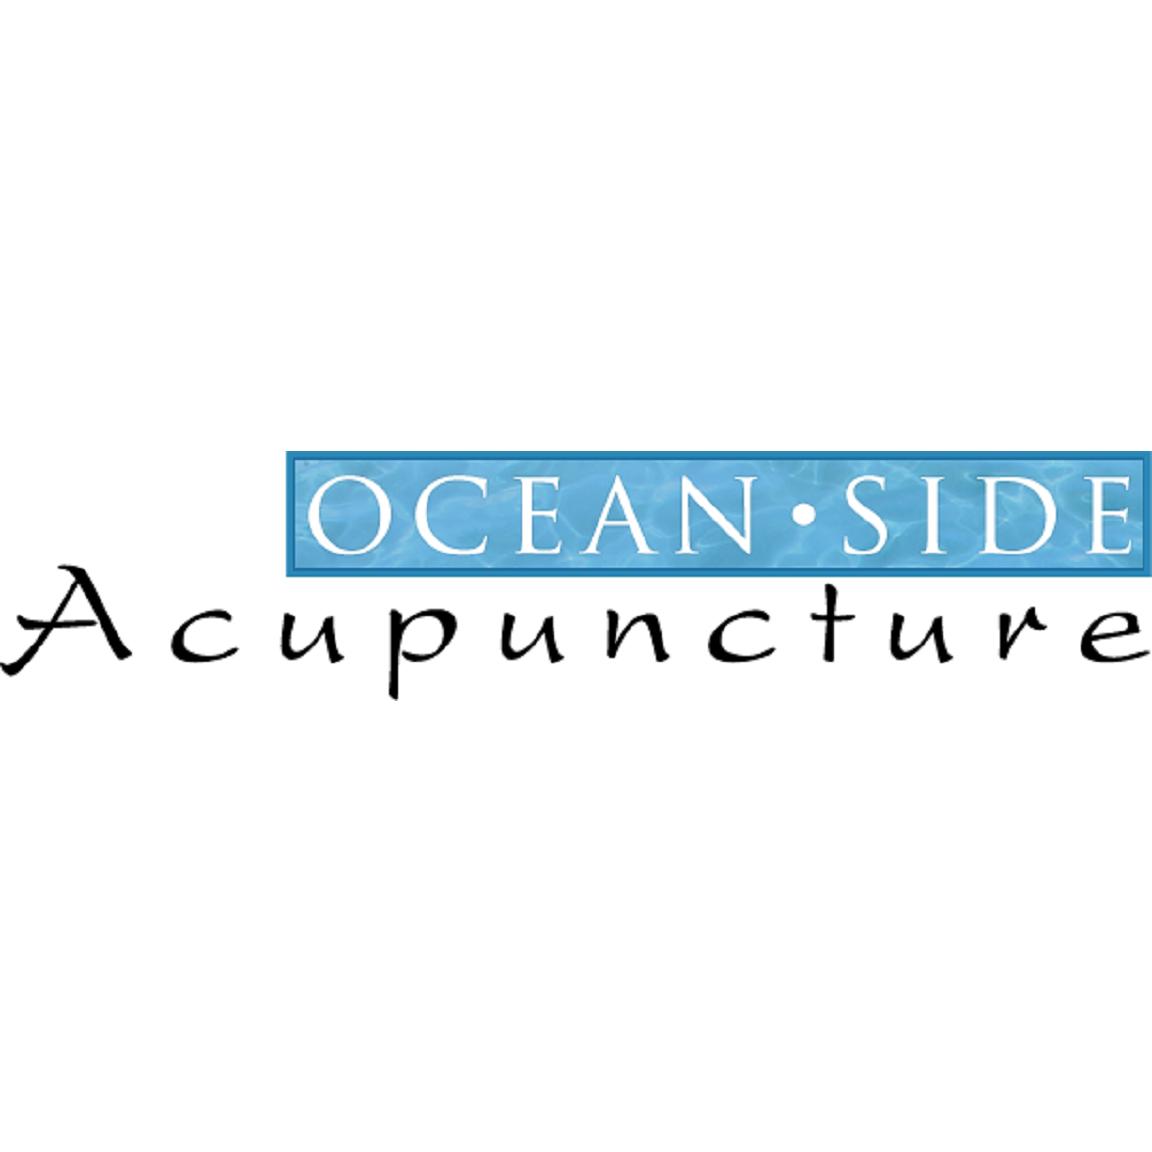 Ocean Side Acupuncture - Redondo Beach, CA - Acupuncture